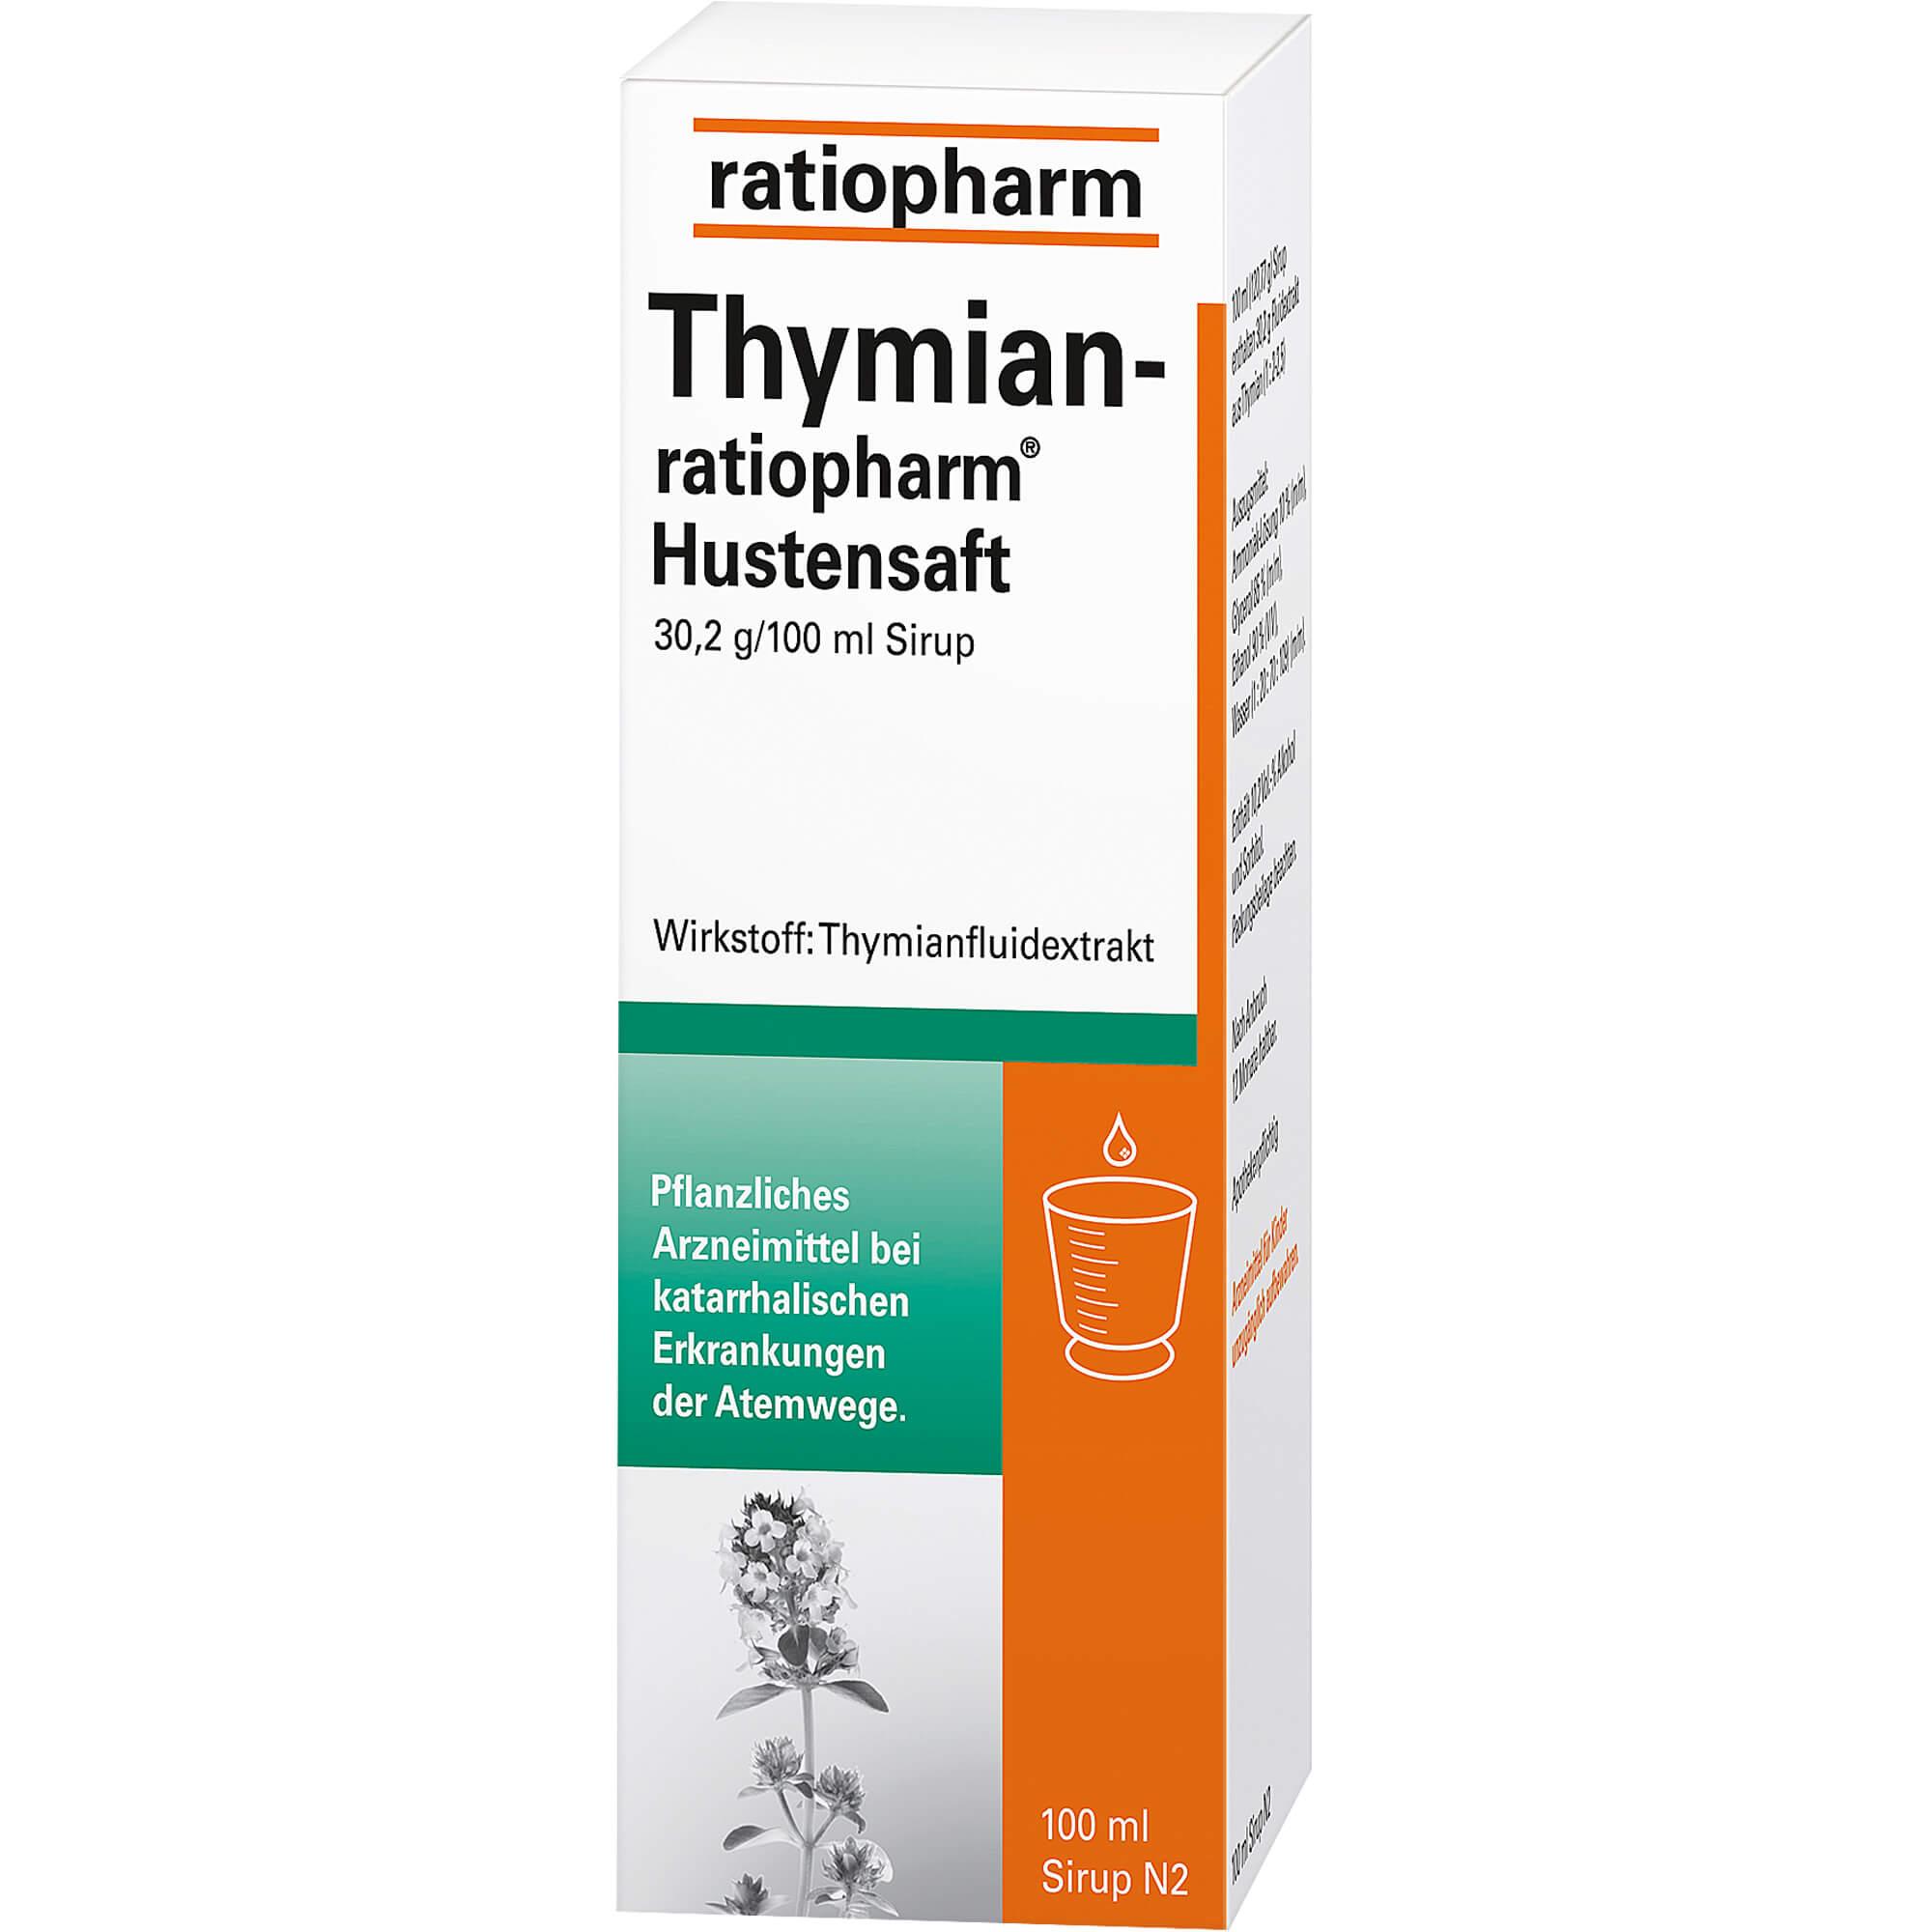 THYMIAN-RATIOPHARM Hustensaft